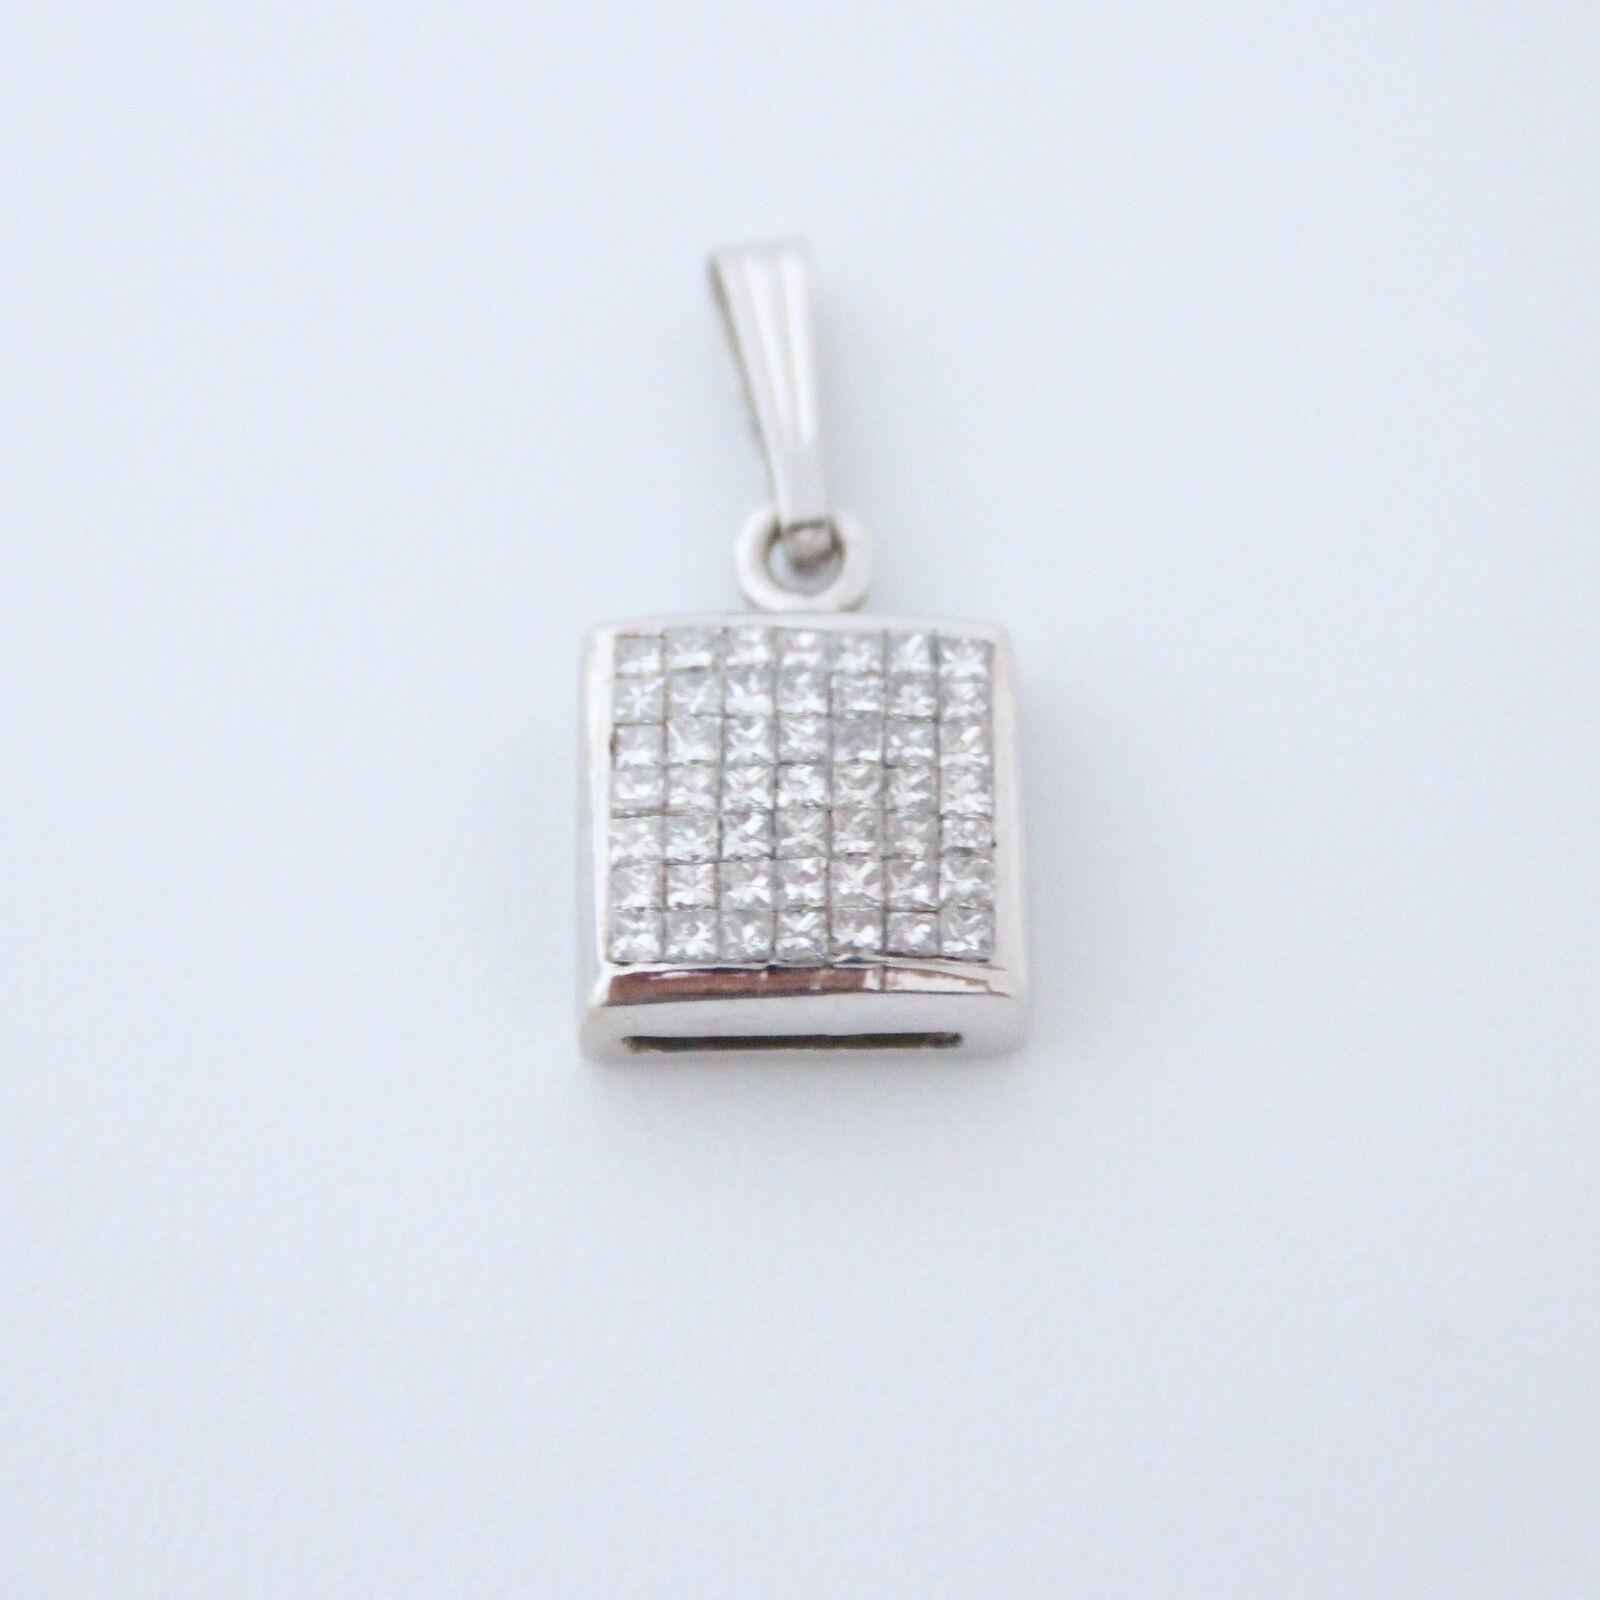 Earnest Tout Nouveau Zircone Cristal Handmade Anneau Bague Fiançailles Mariage Size-8.25 Bijoux, Montres